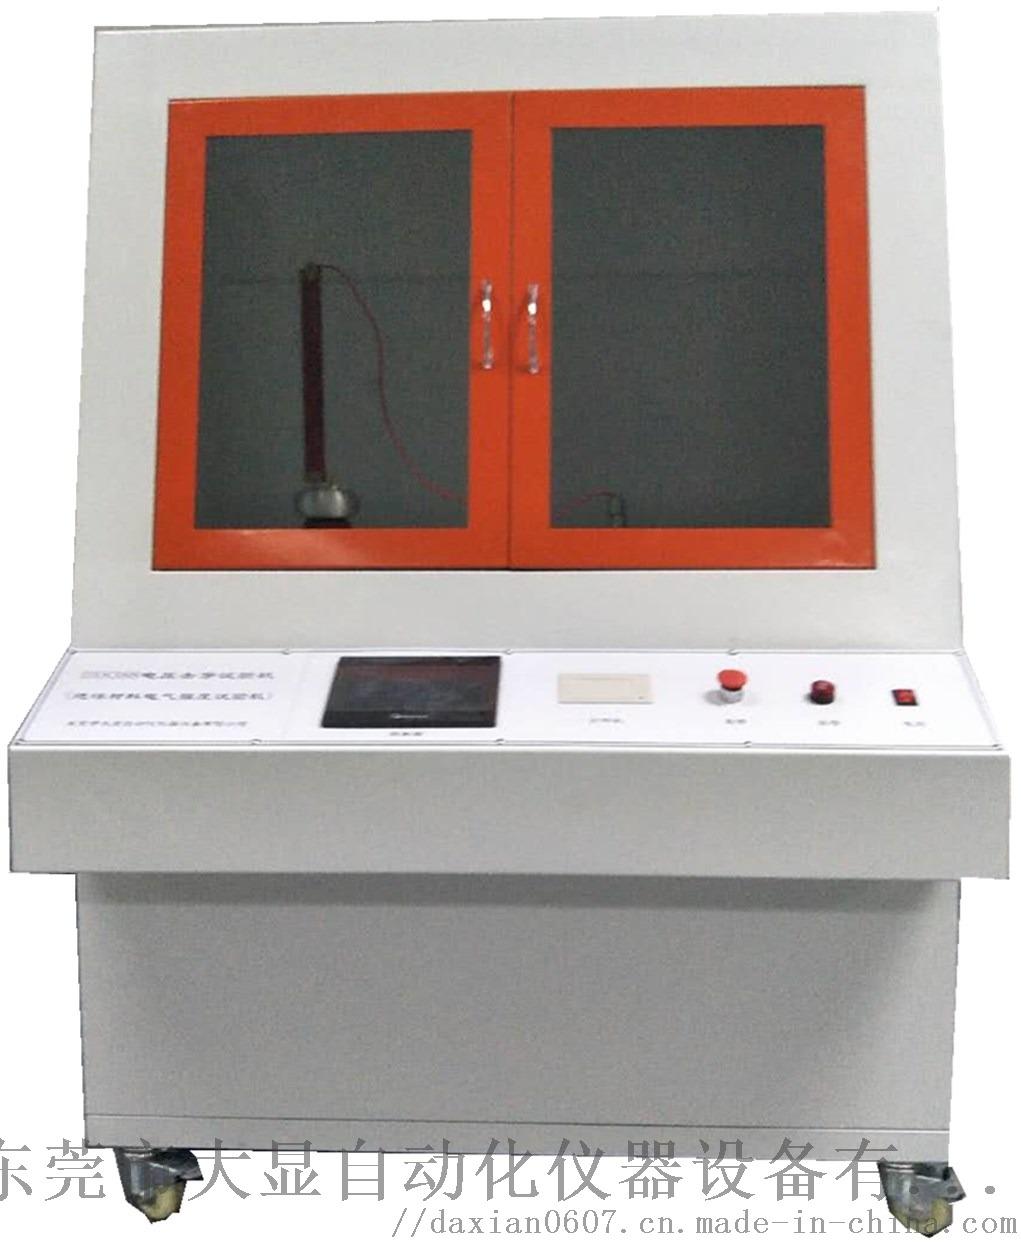 漆包线耐压击穿测试仪834882005